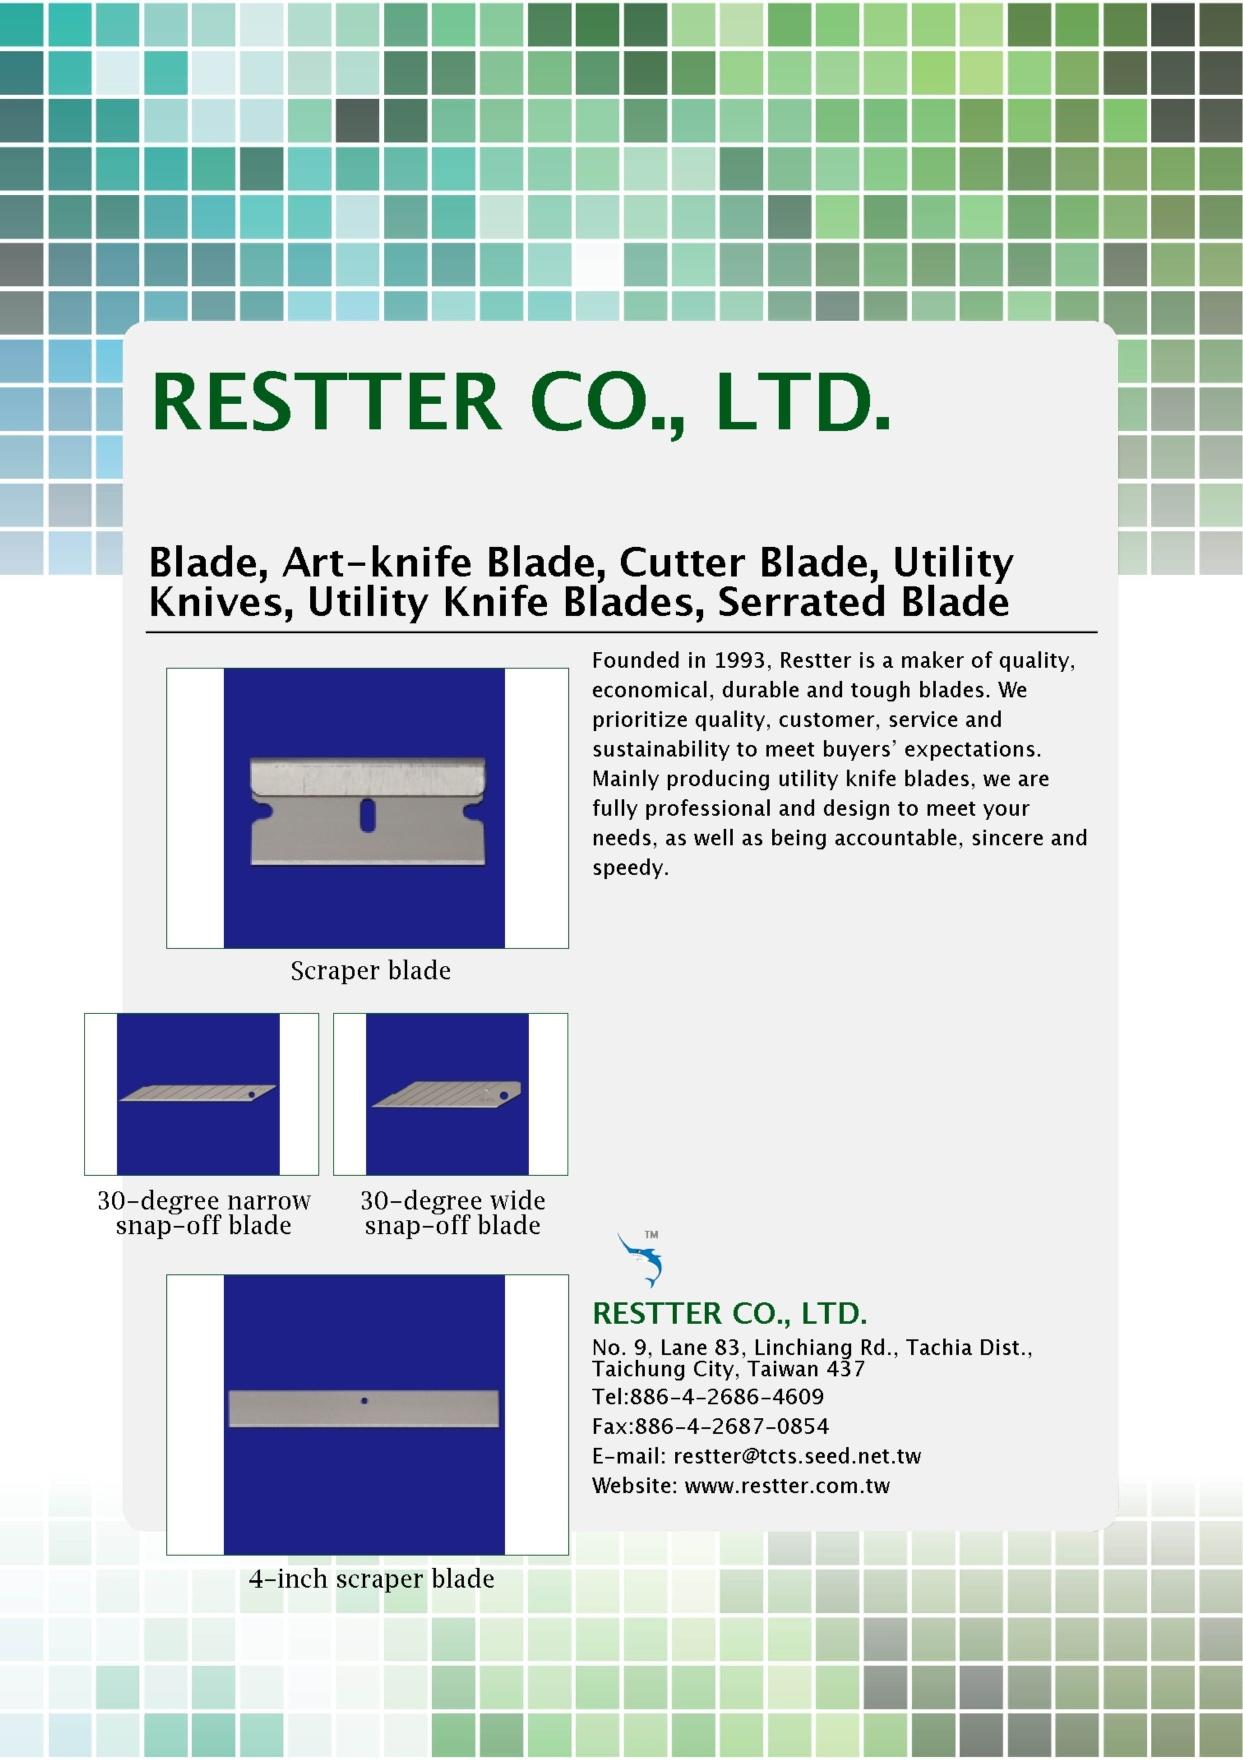 RESTTER CO., LTD.